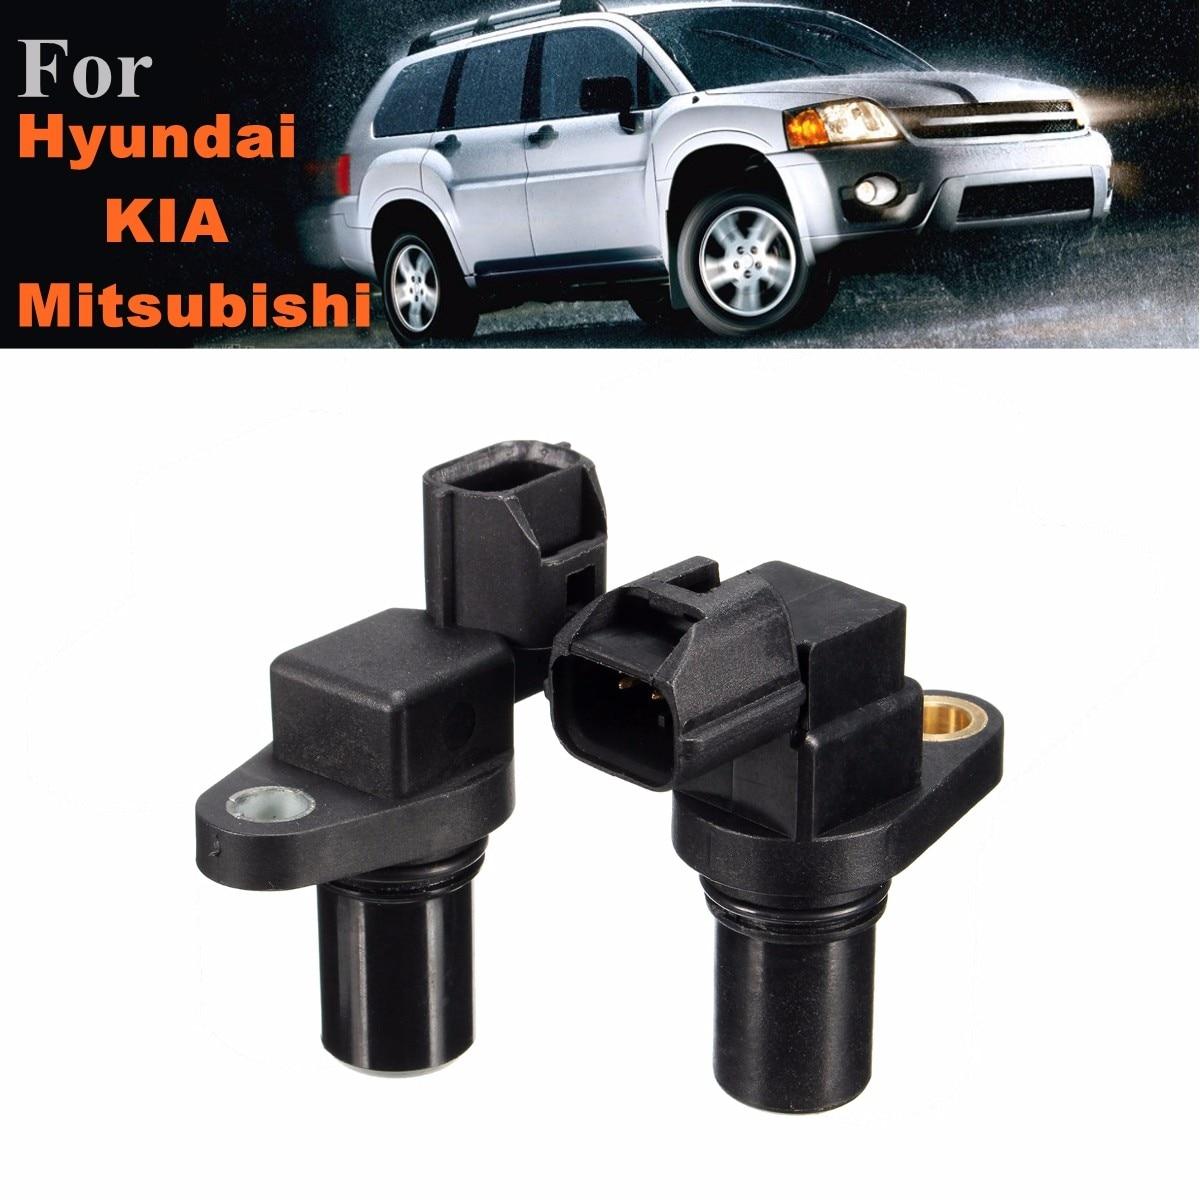 42620-39200 42621-39200 paar Transmissie Input & Output Speed Sensor Voor Chrysler voor Dodge voor Hyundai voor KIA voor Mitsubishi